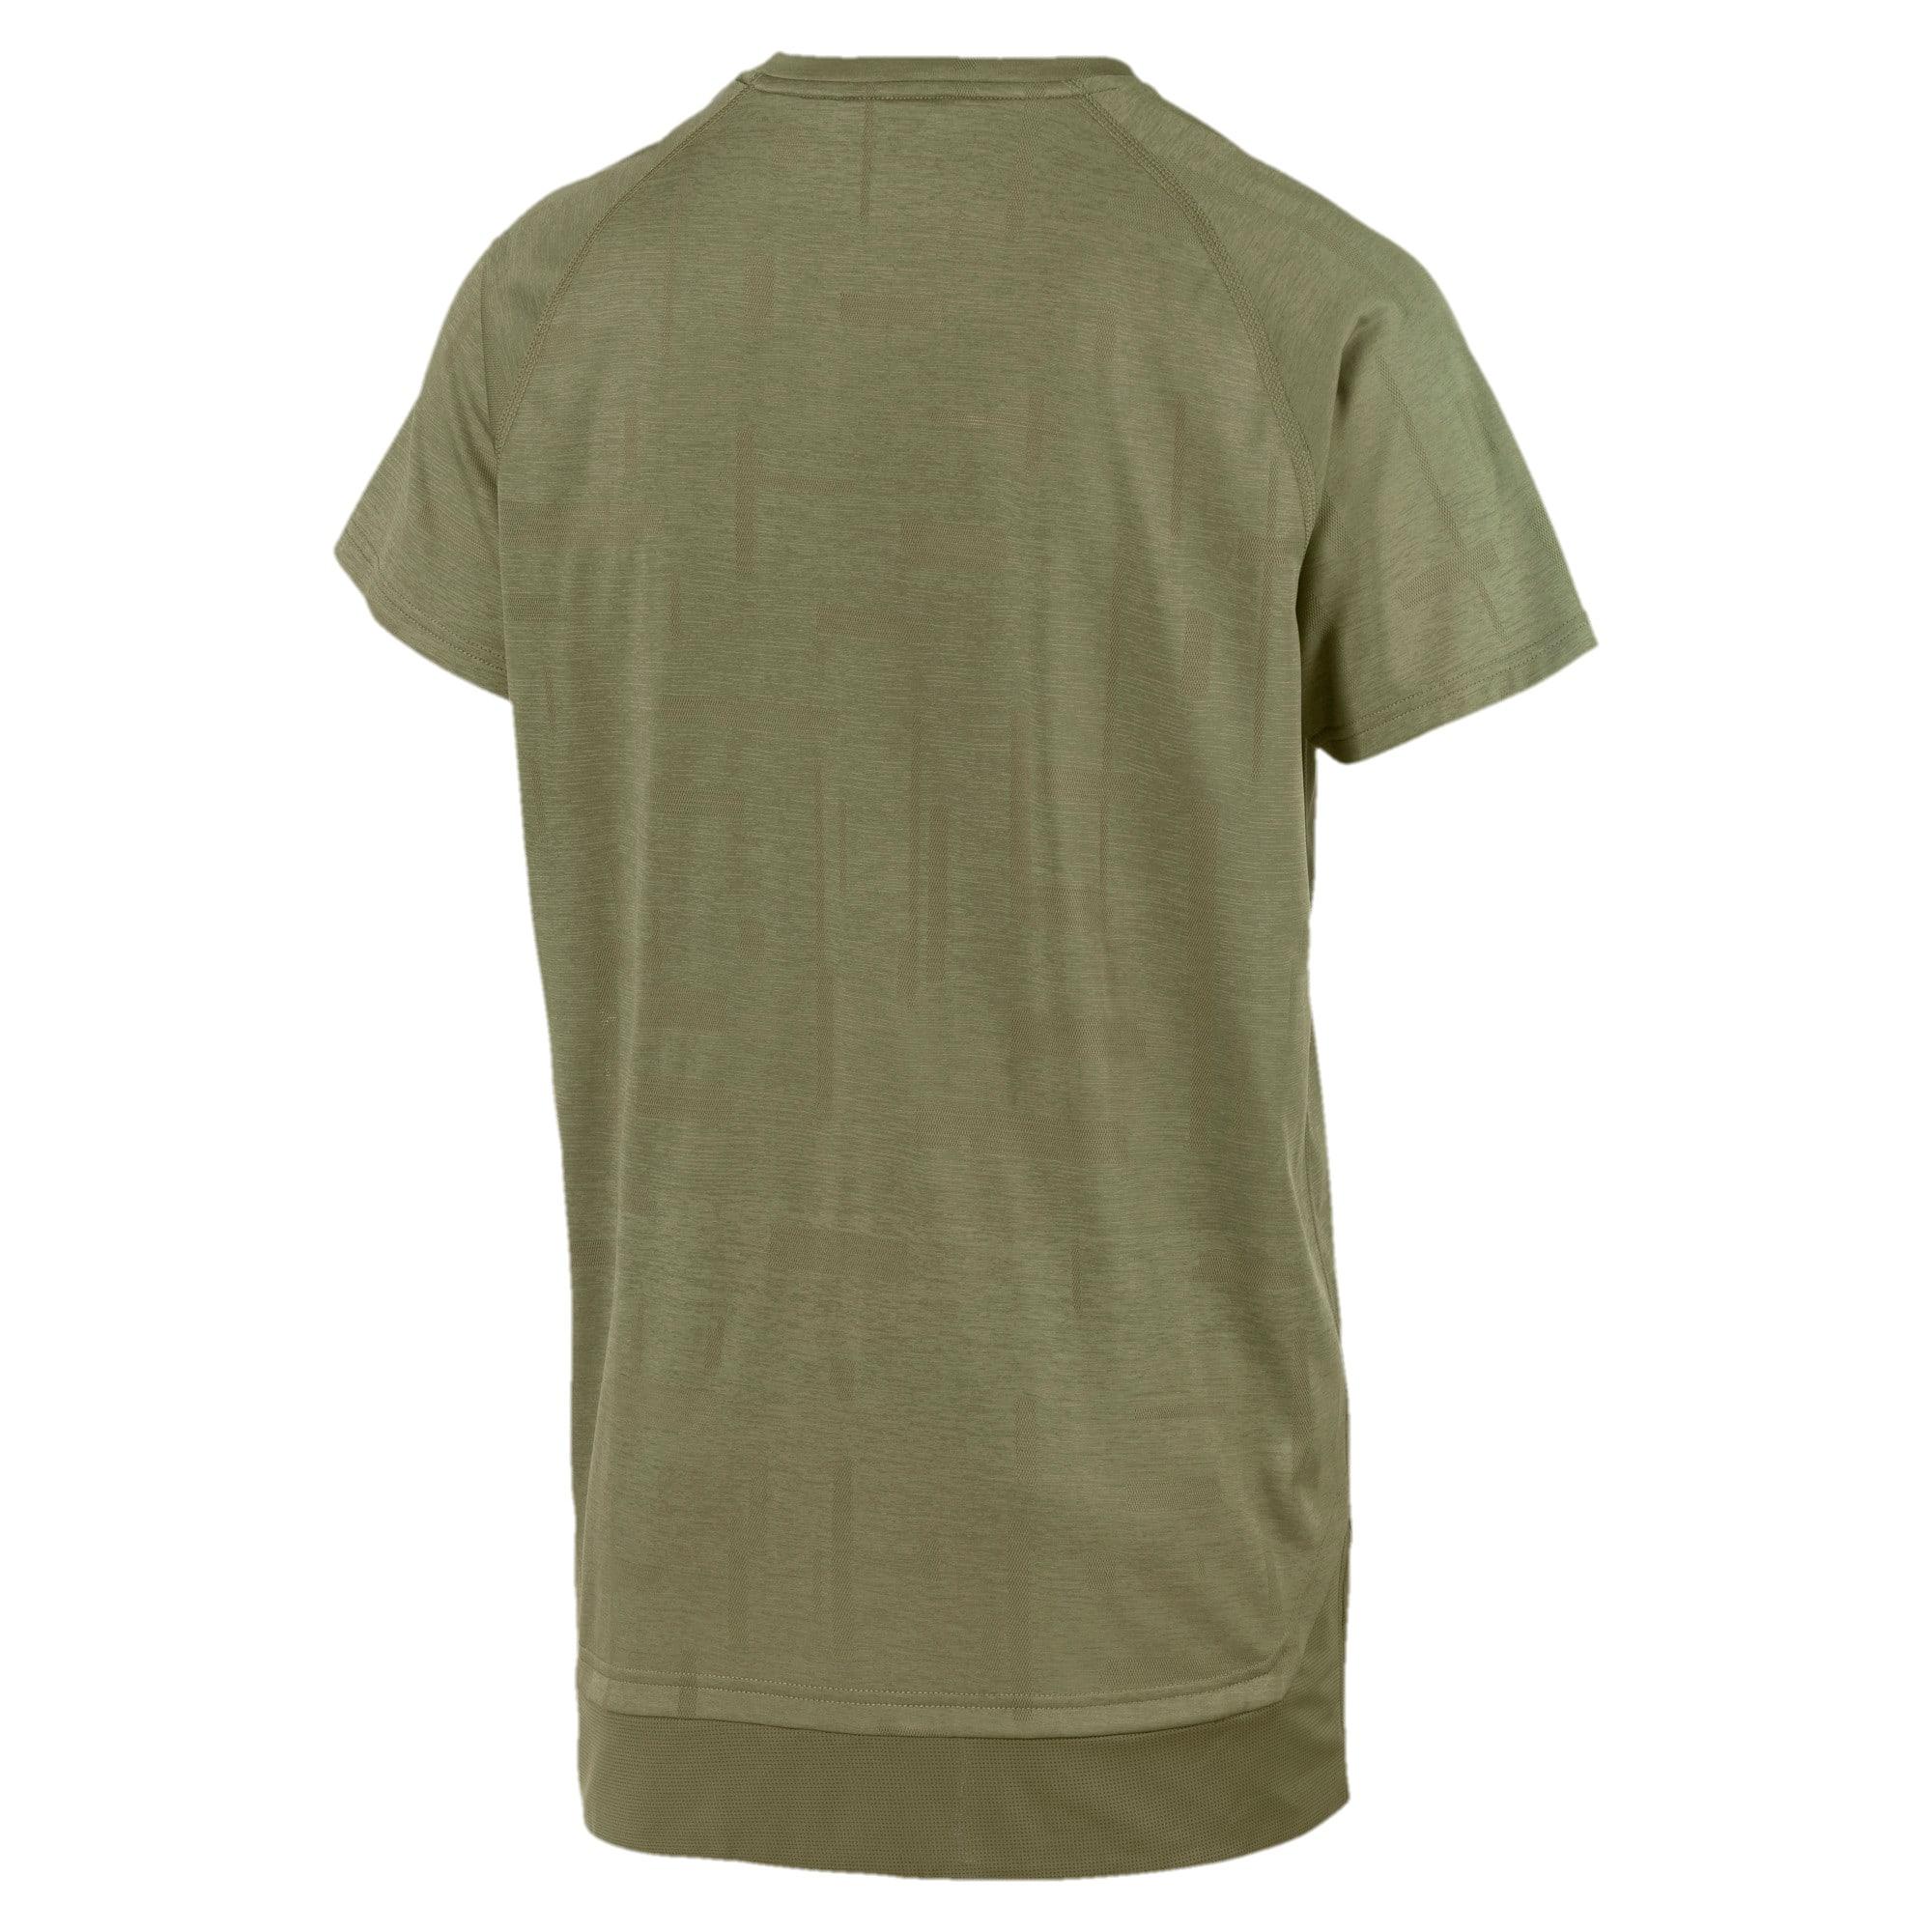 Thumbnail 6 of Energy Tech Herren Training T-Shirt, Olivine, medium